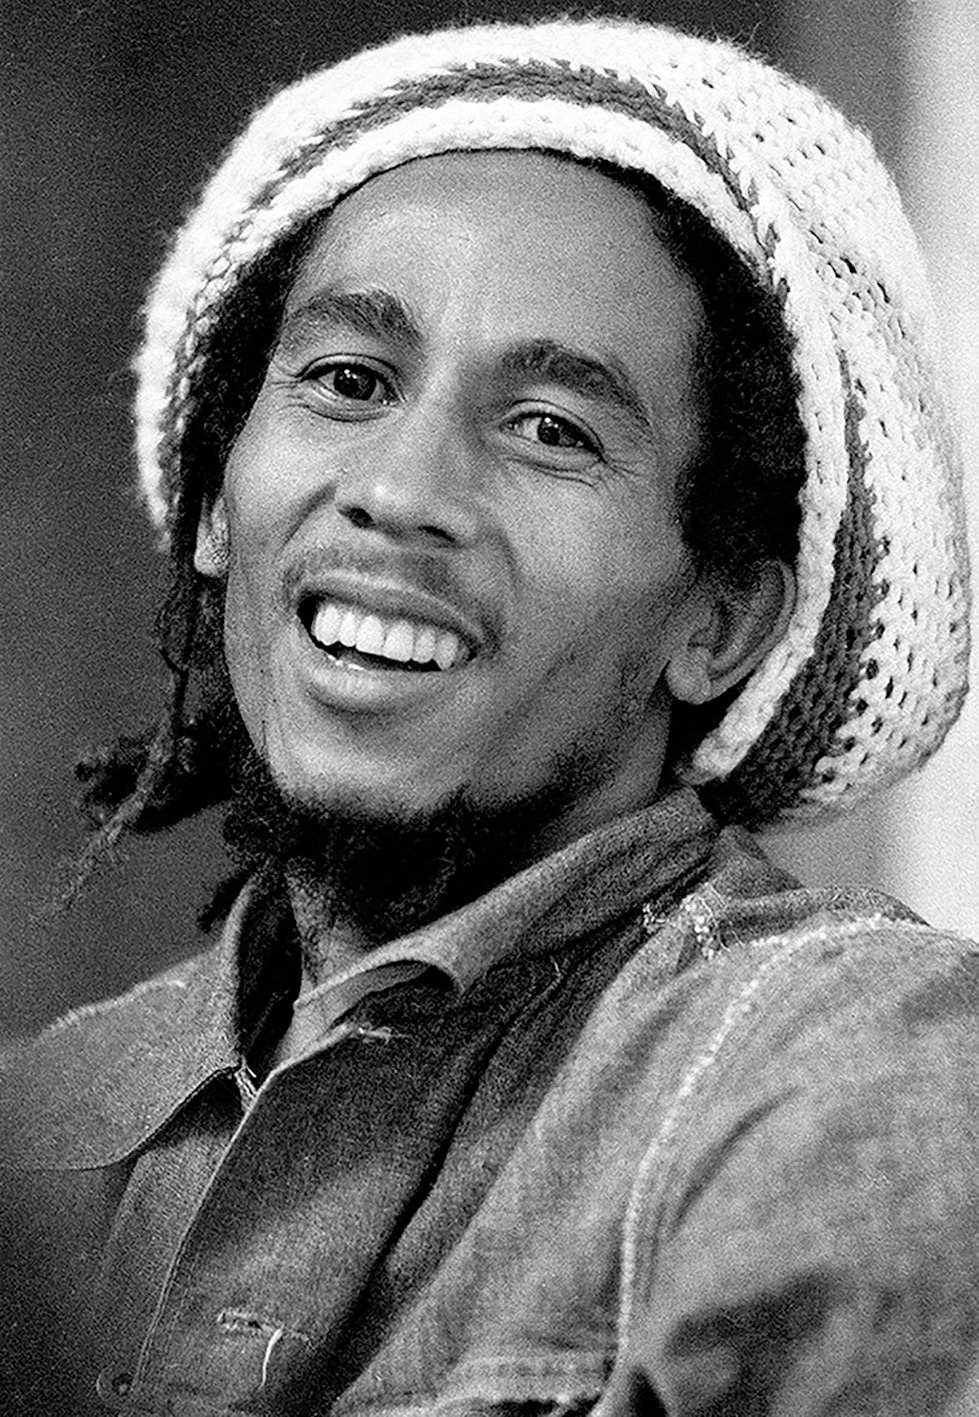 Marley Bob 2553 35a best scan.jpg